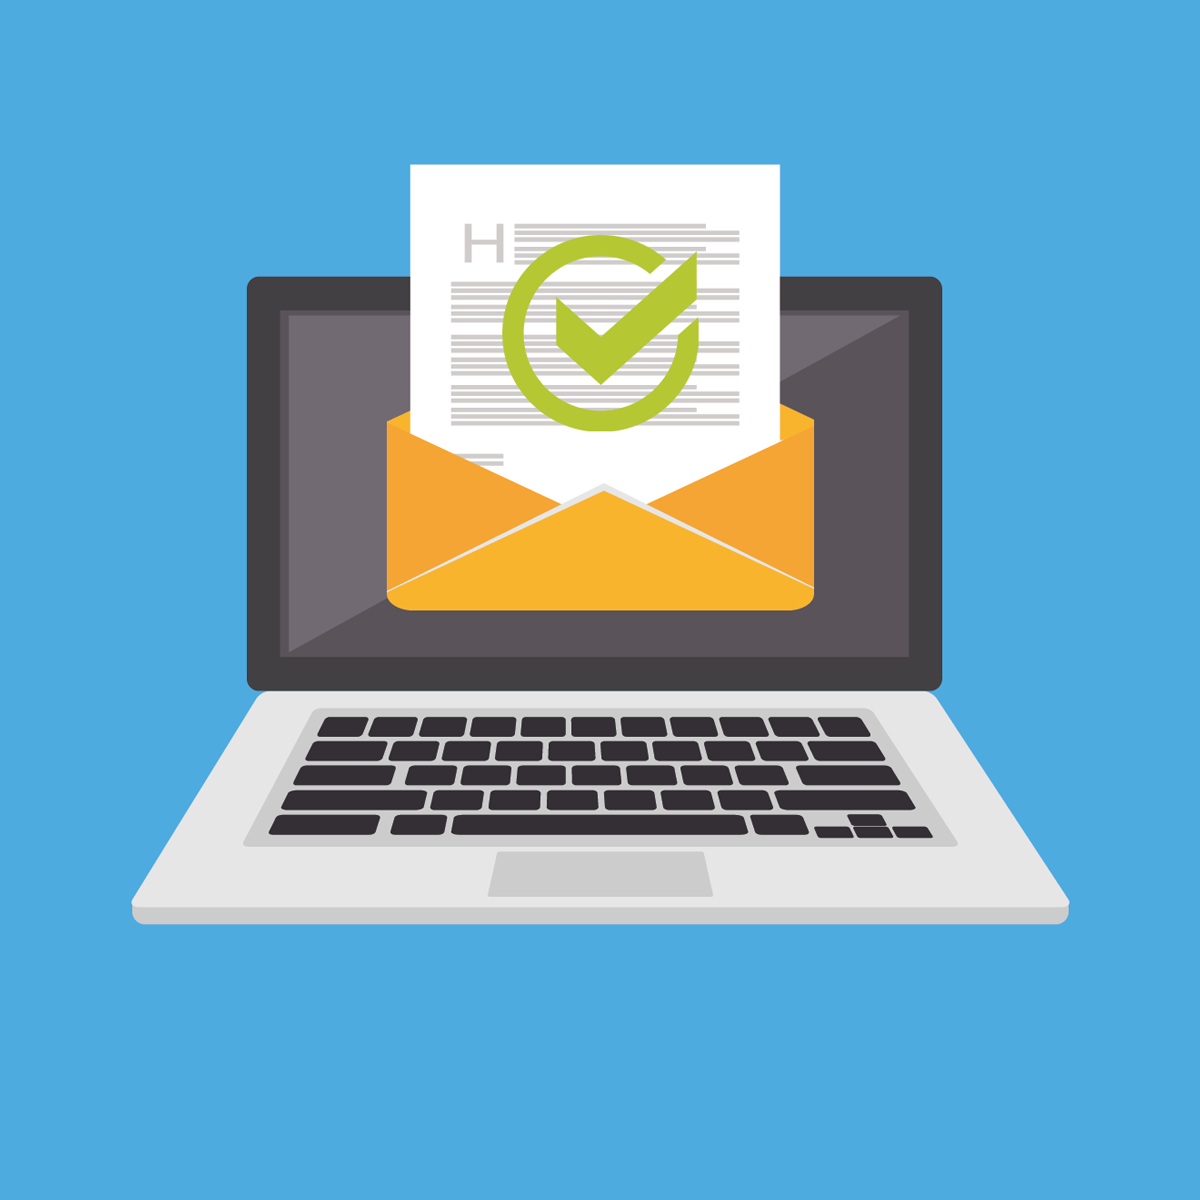 ordinateur avec mail ouvert et contenu validé